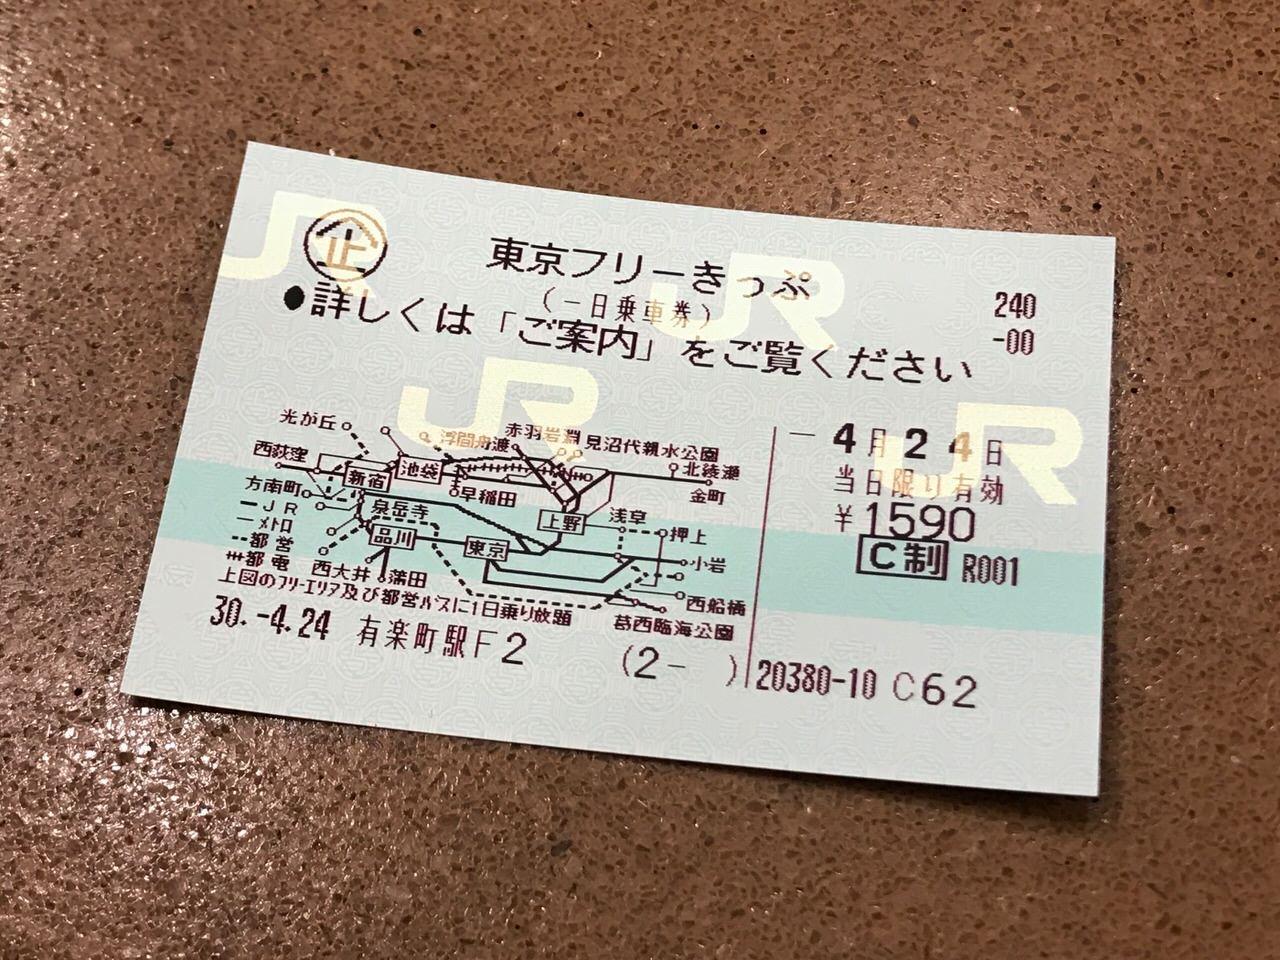 「東京フリーきっぷ」23区内のJR・地下鉄などが1,590円で乗り放題